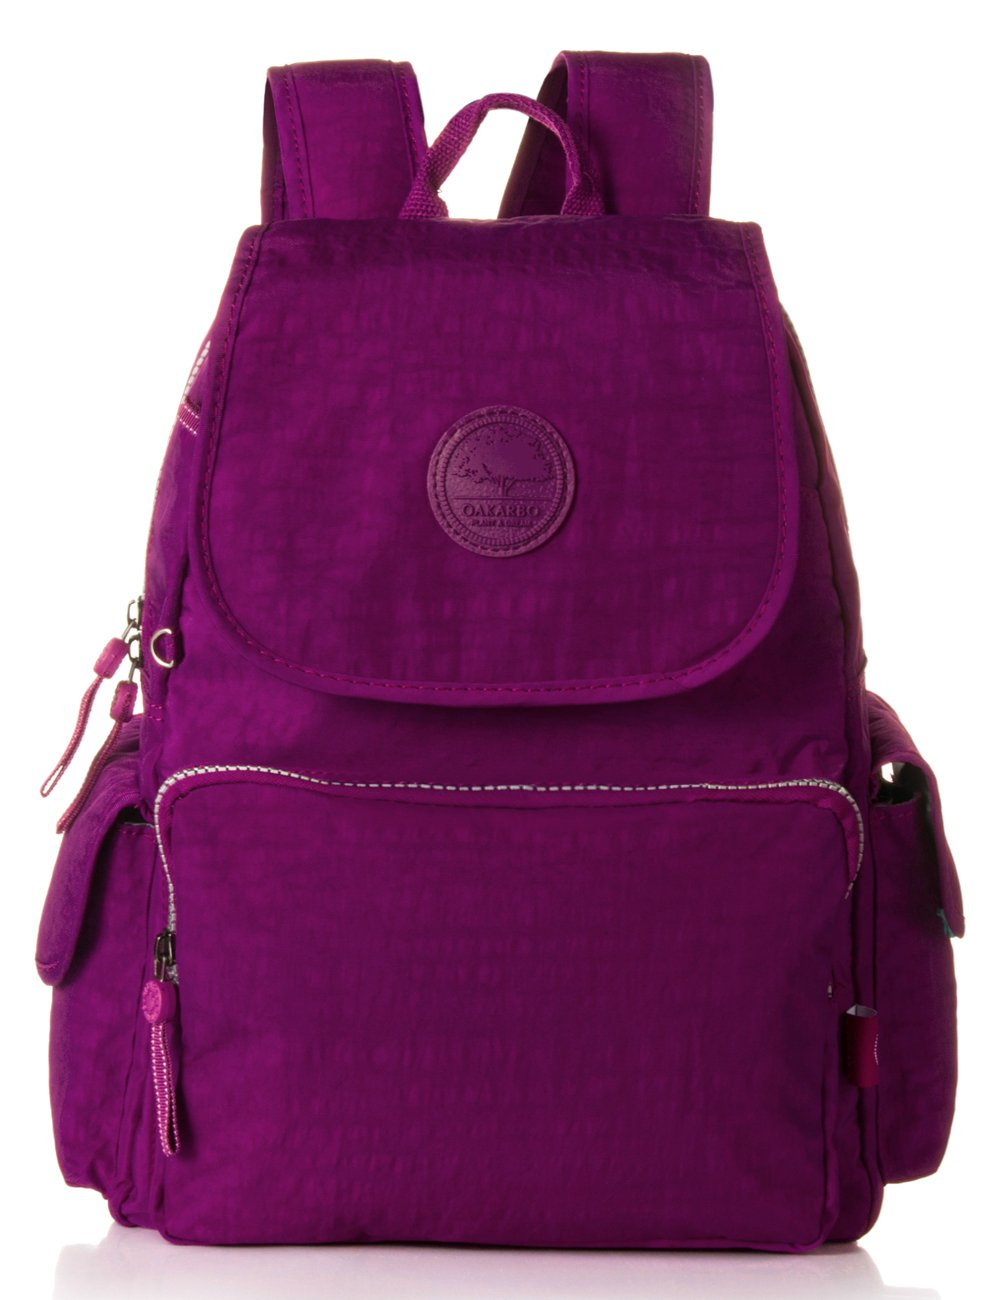 ★決算特価商品★ [Oakarbo]Oakarbo Mini Daypack Backpack Nylon Travel Daypack 1506 Cute Mini Schoolbag 6797787 [並行輸入品] 1506 Violet red B01KROLZ8E, 【開店記念セール!】:2e29dd52 --- arianechie.dominiotemporario.com